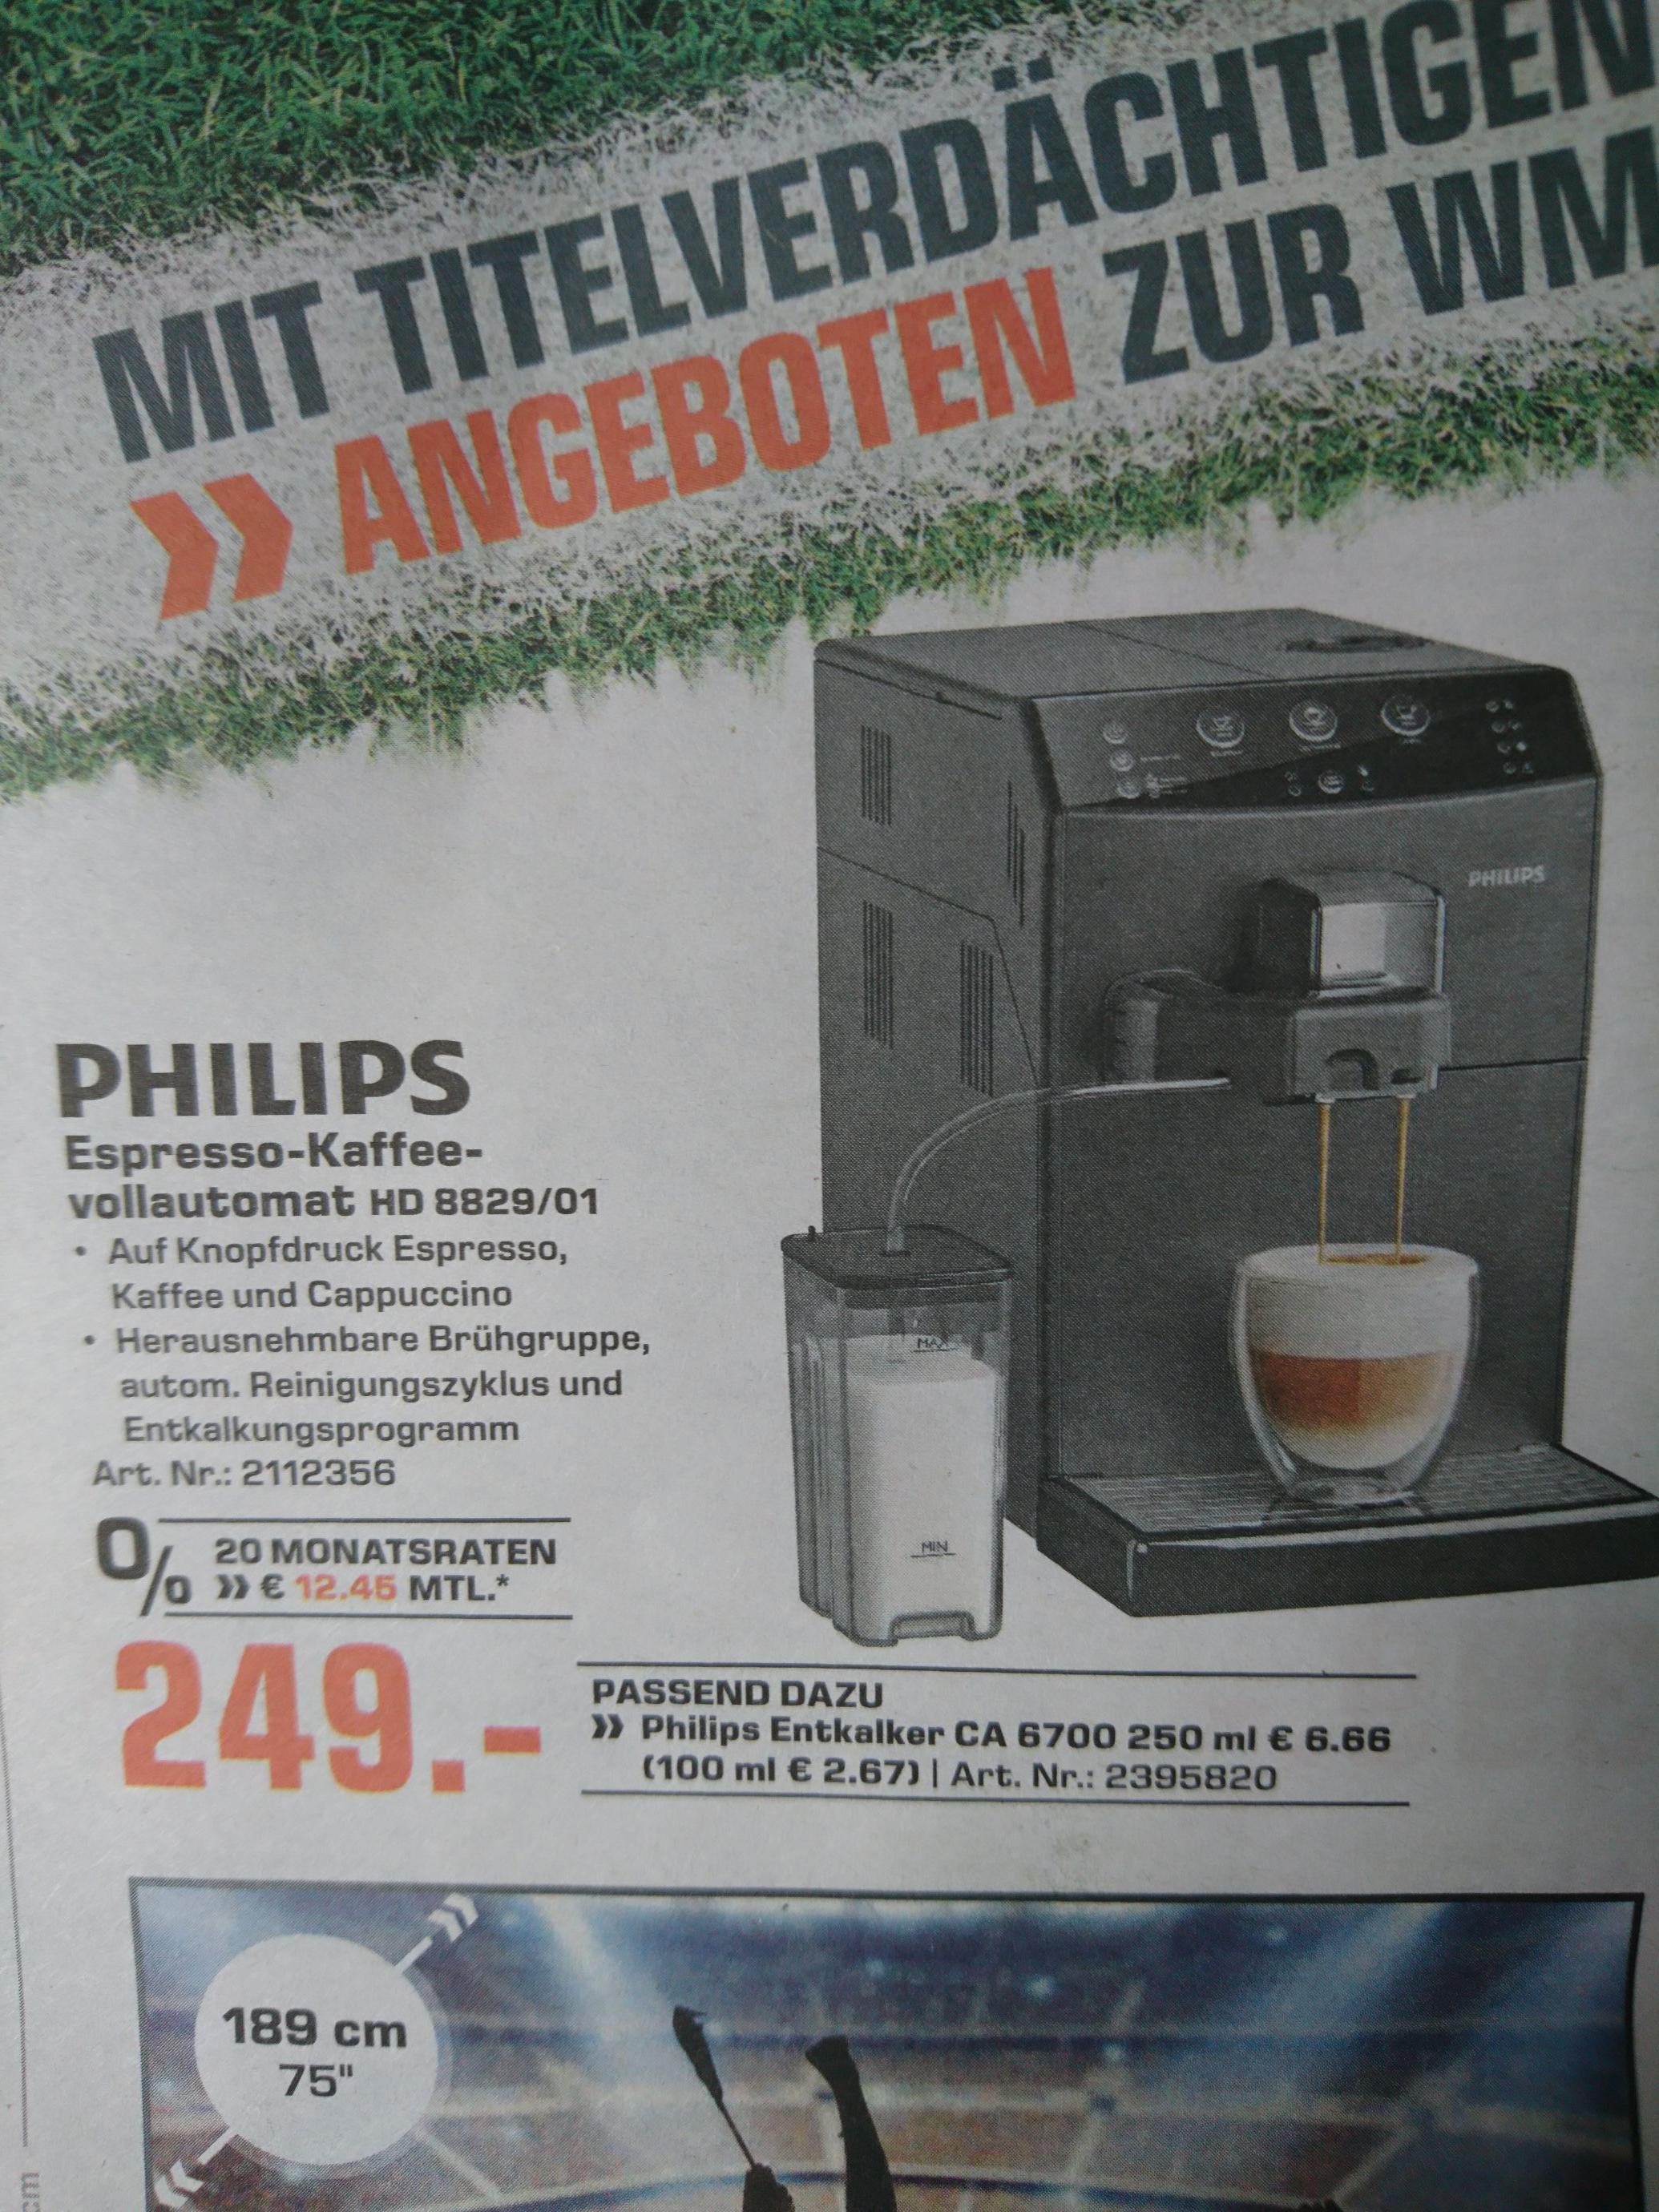 Lokal Saturn Moers: Philips Espresso Kaffeevollautomat HD 8829/01